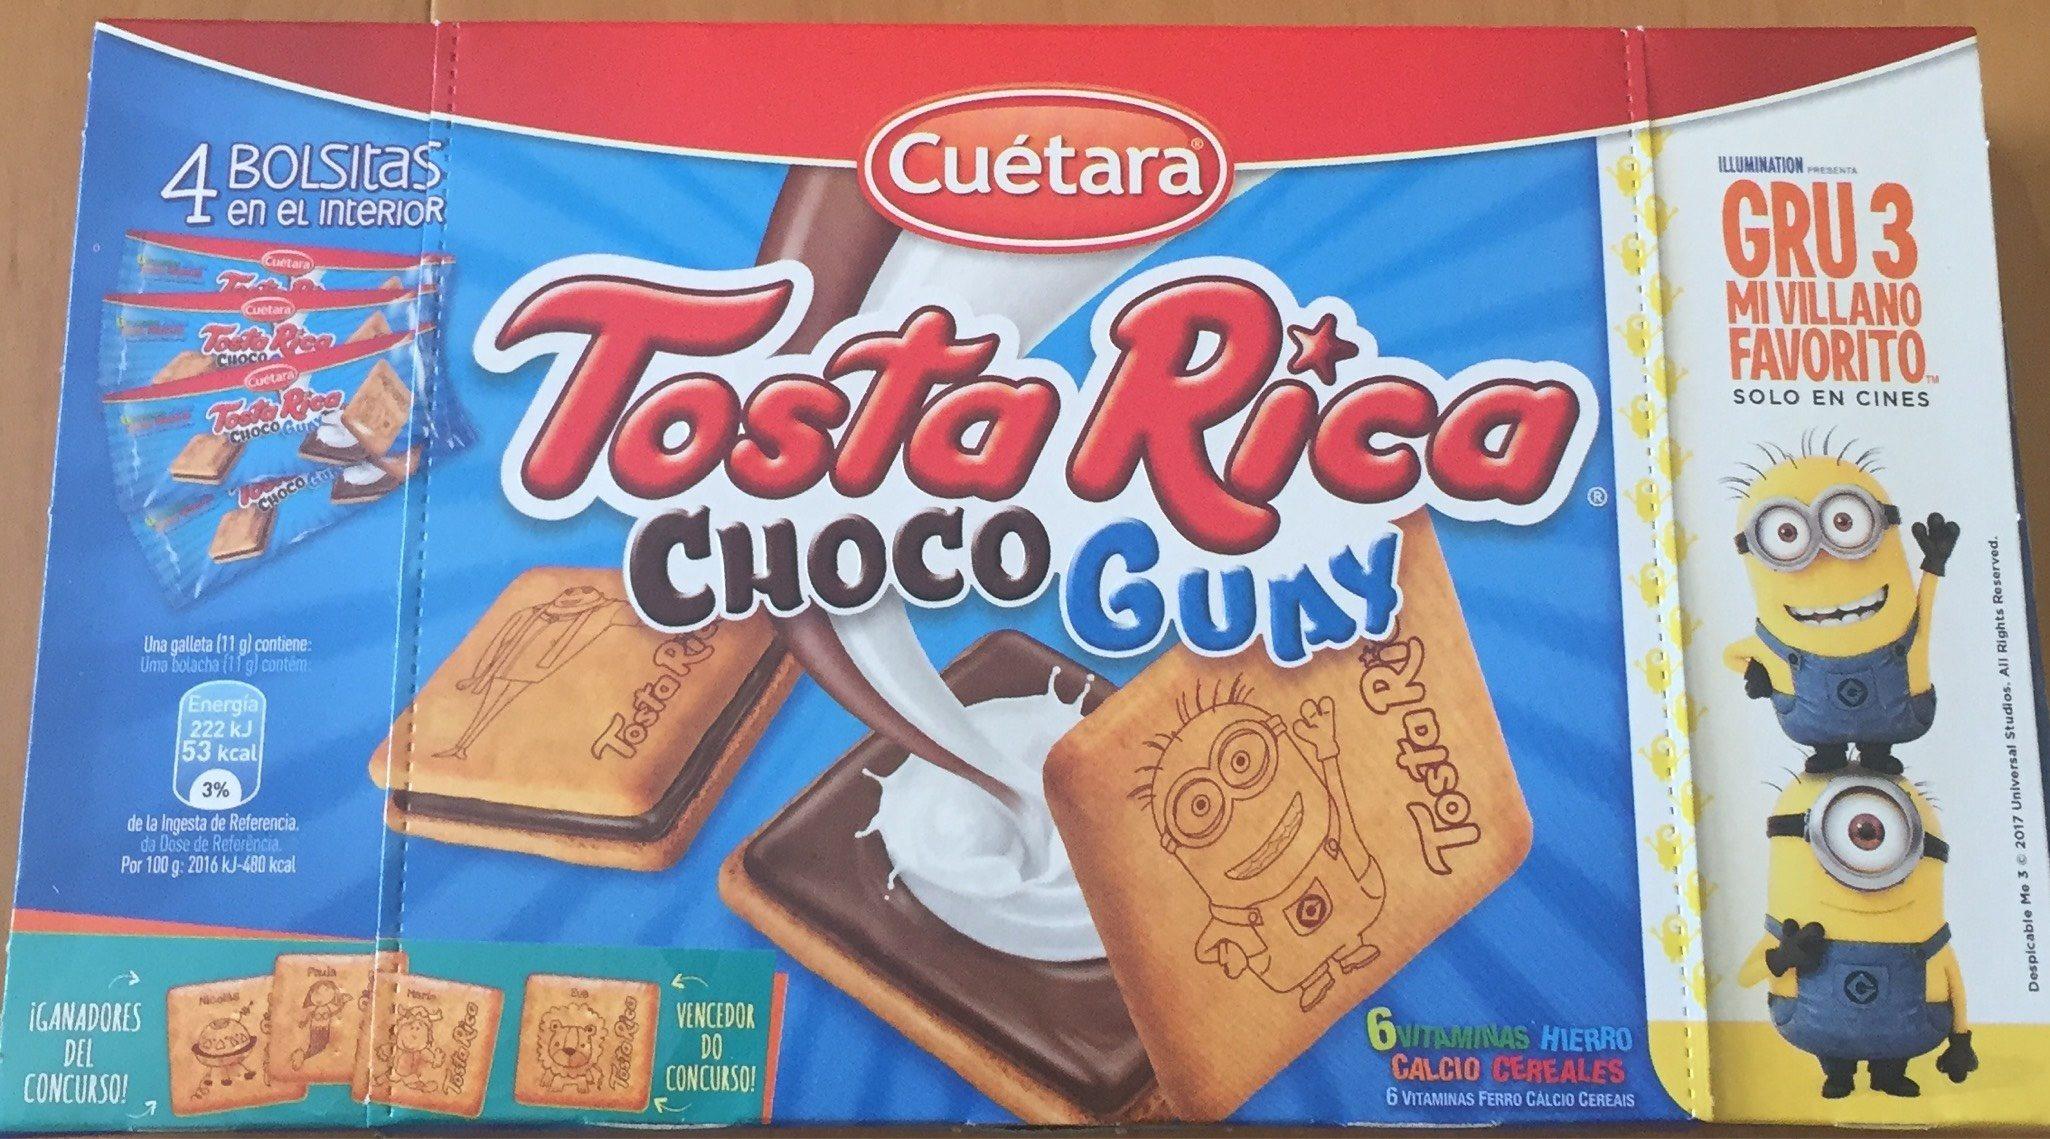 Choco guay galletas tostadas rellenas de chocolate - Producte - es